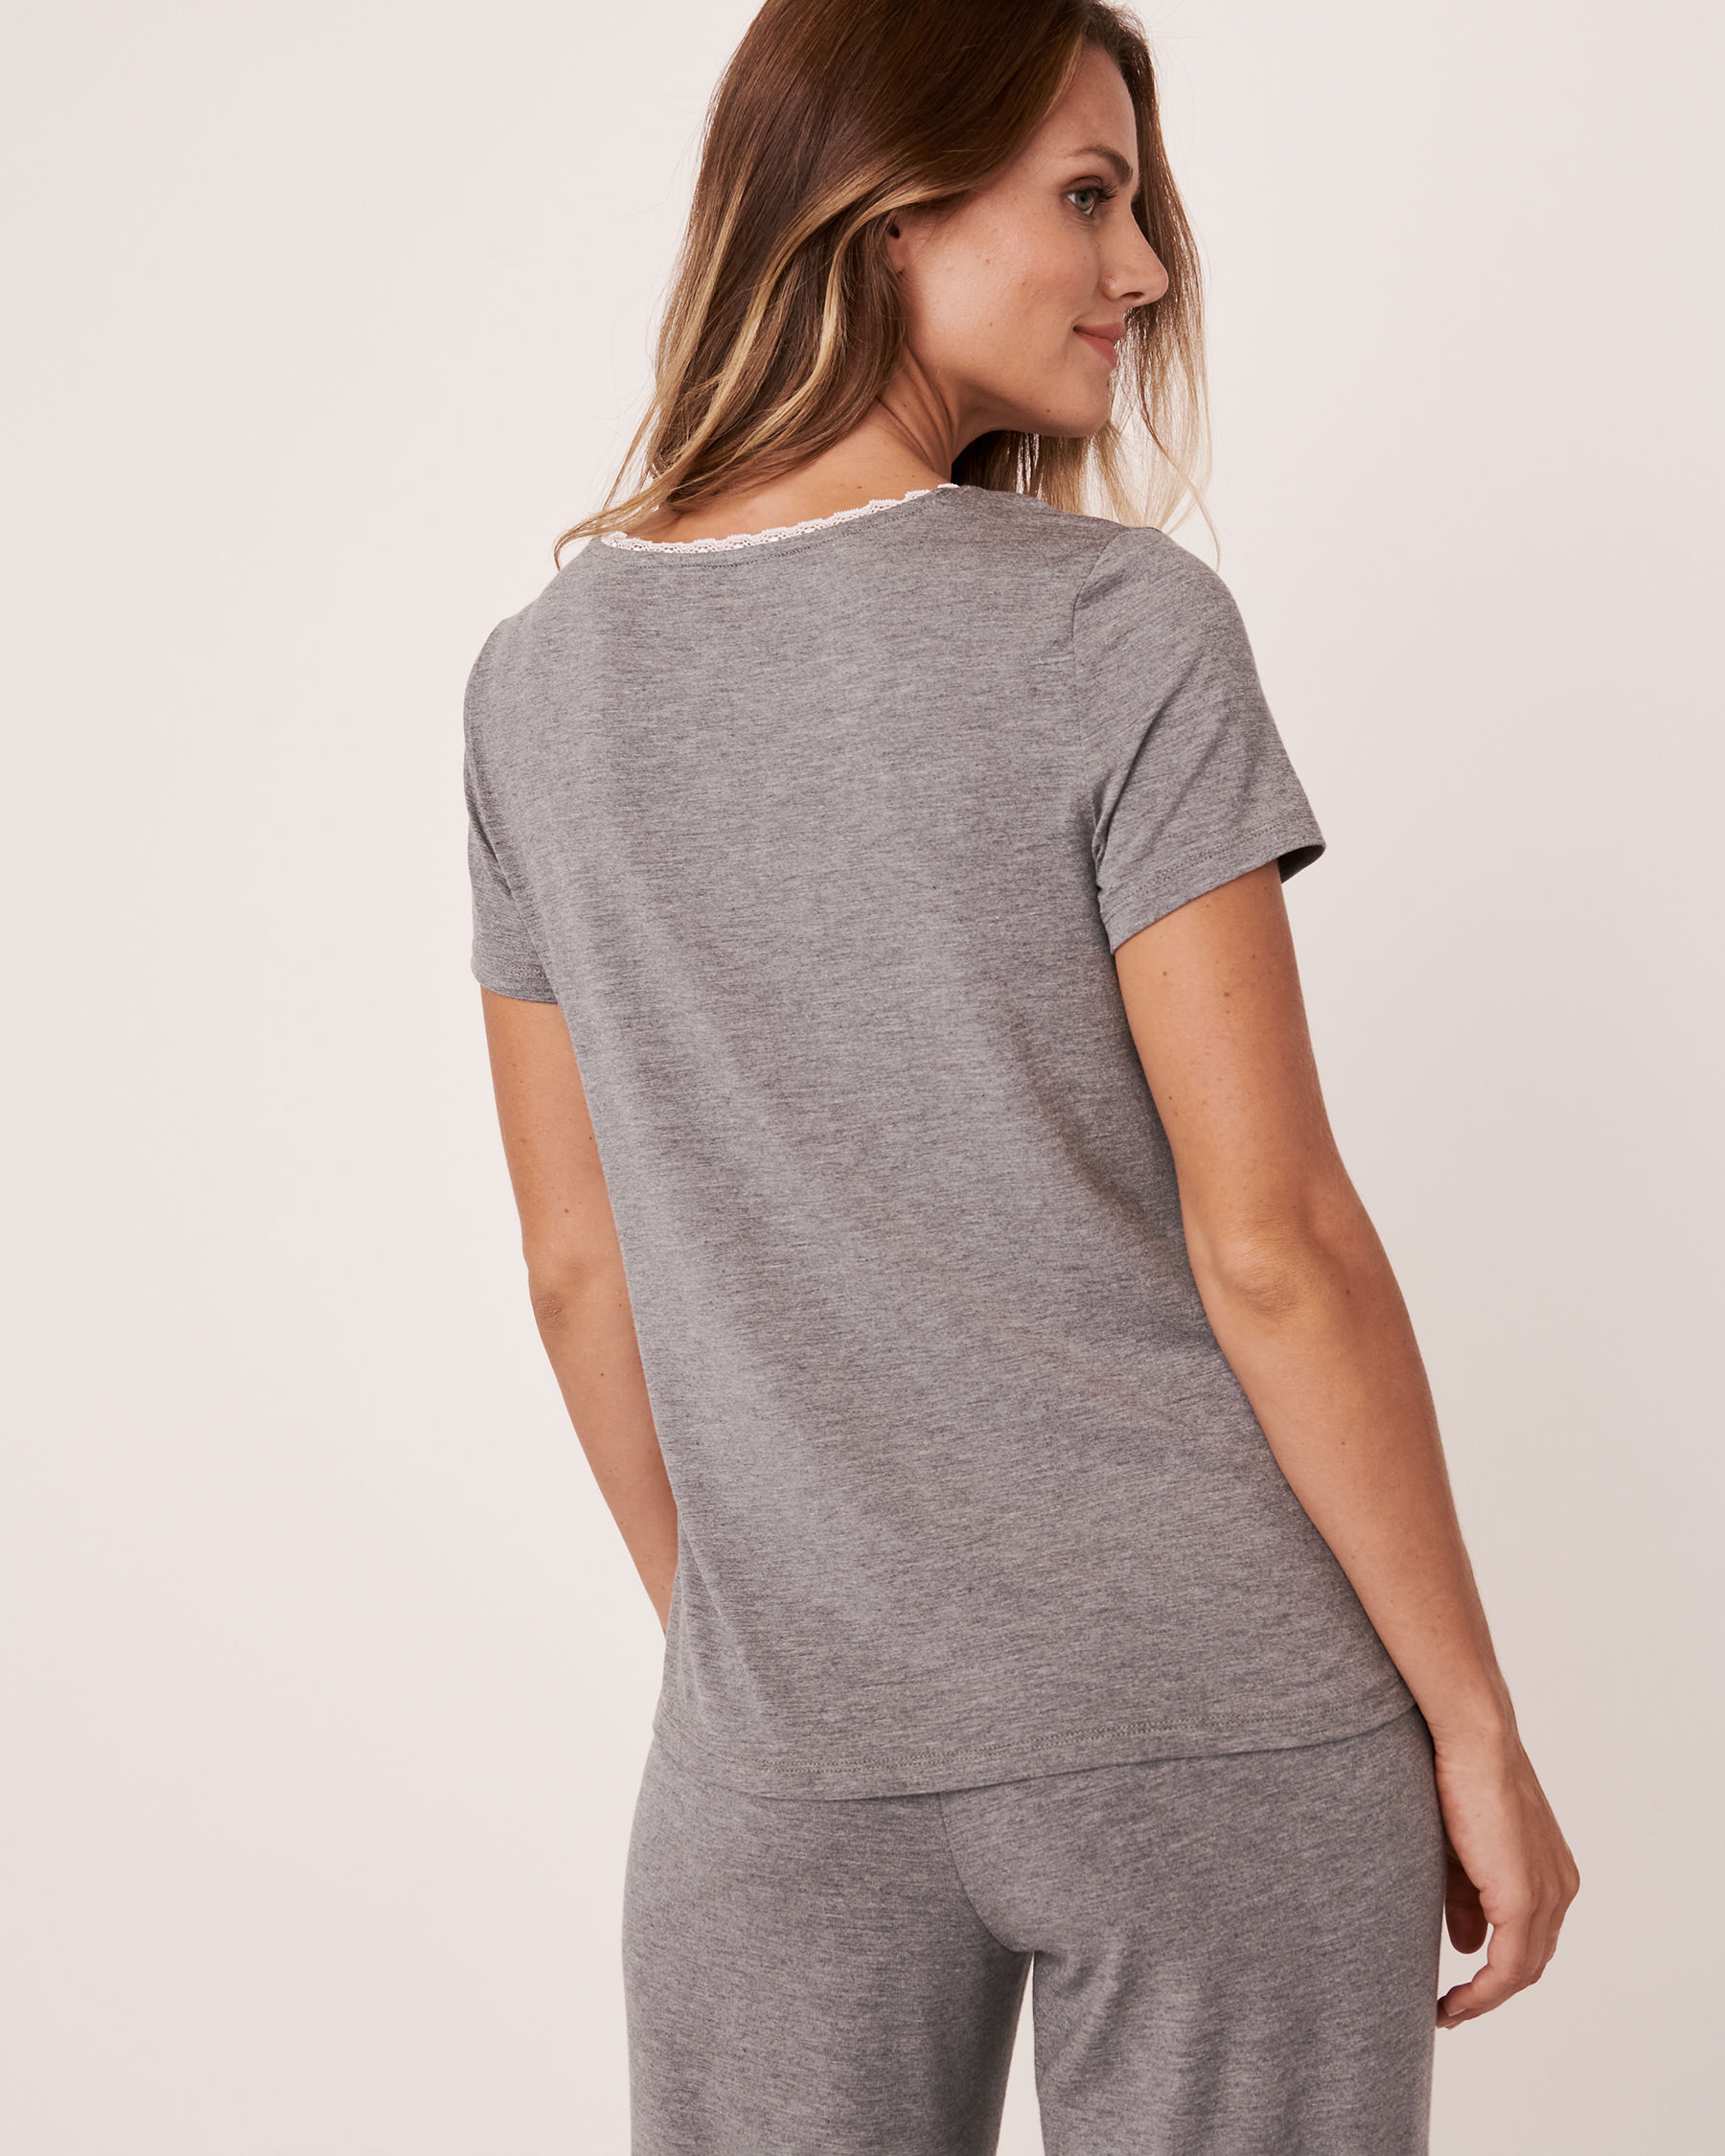 LA VIE EN ROSE Henley T-shirt Charcoal mix 50100008 - View2